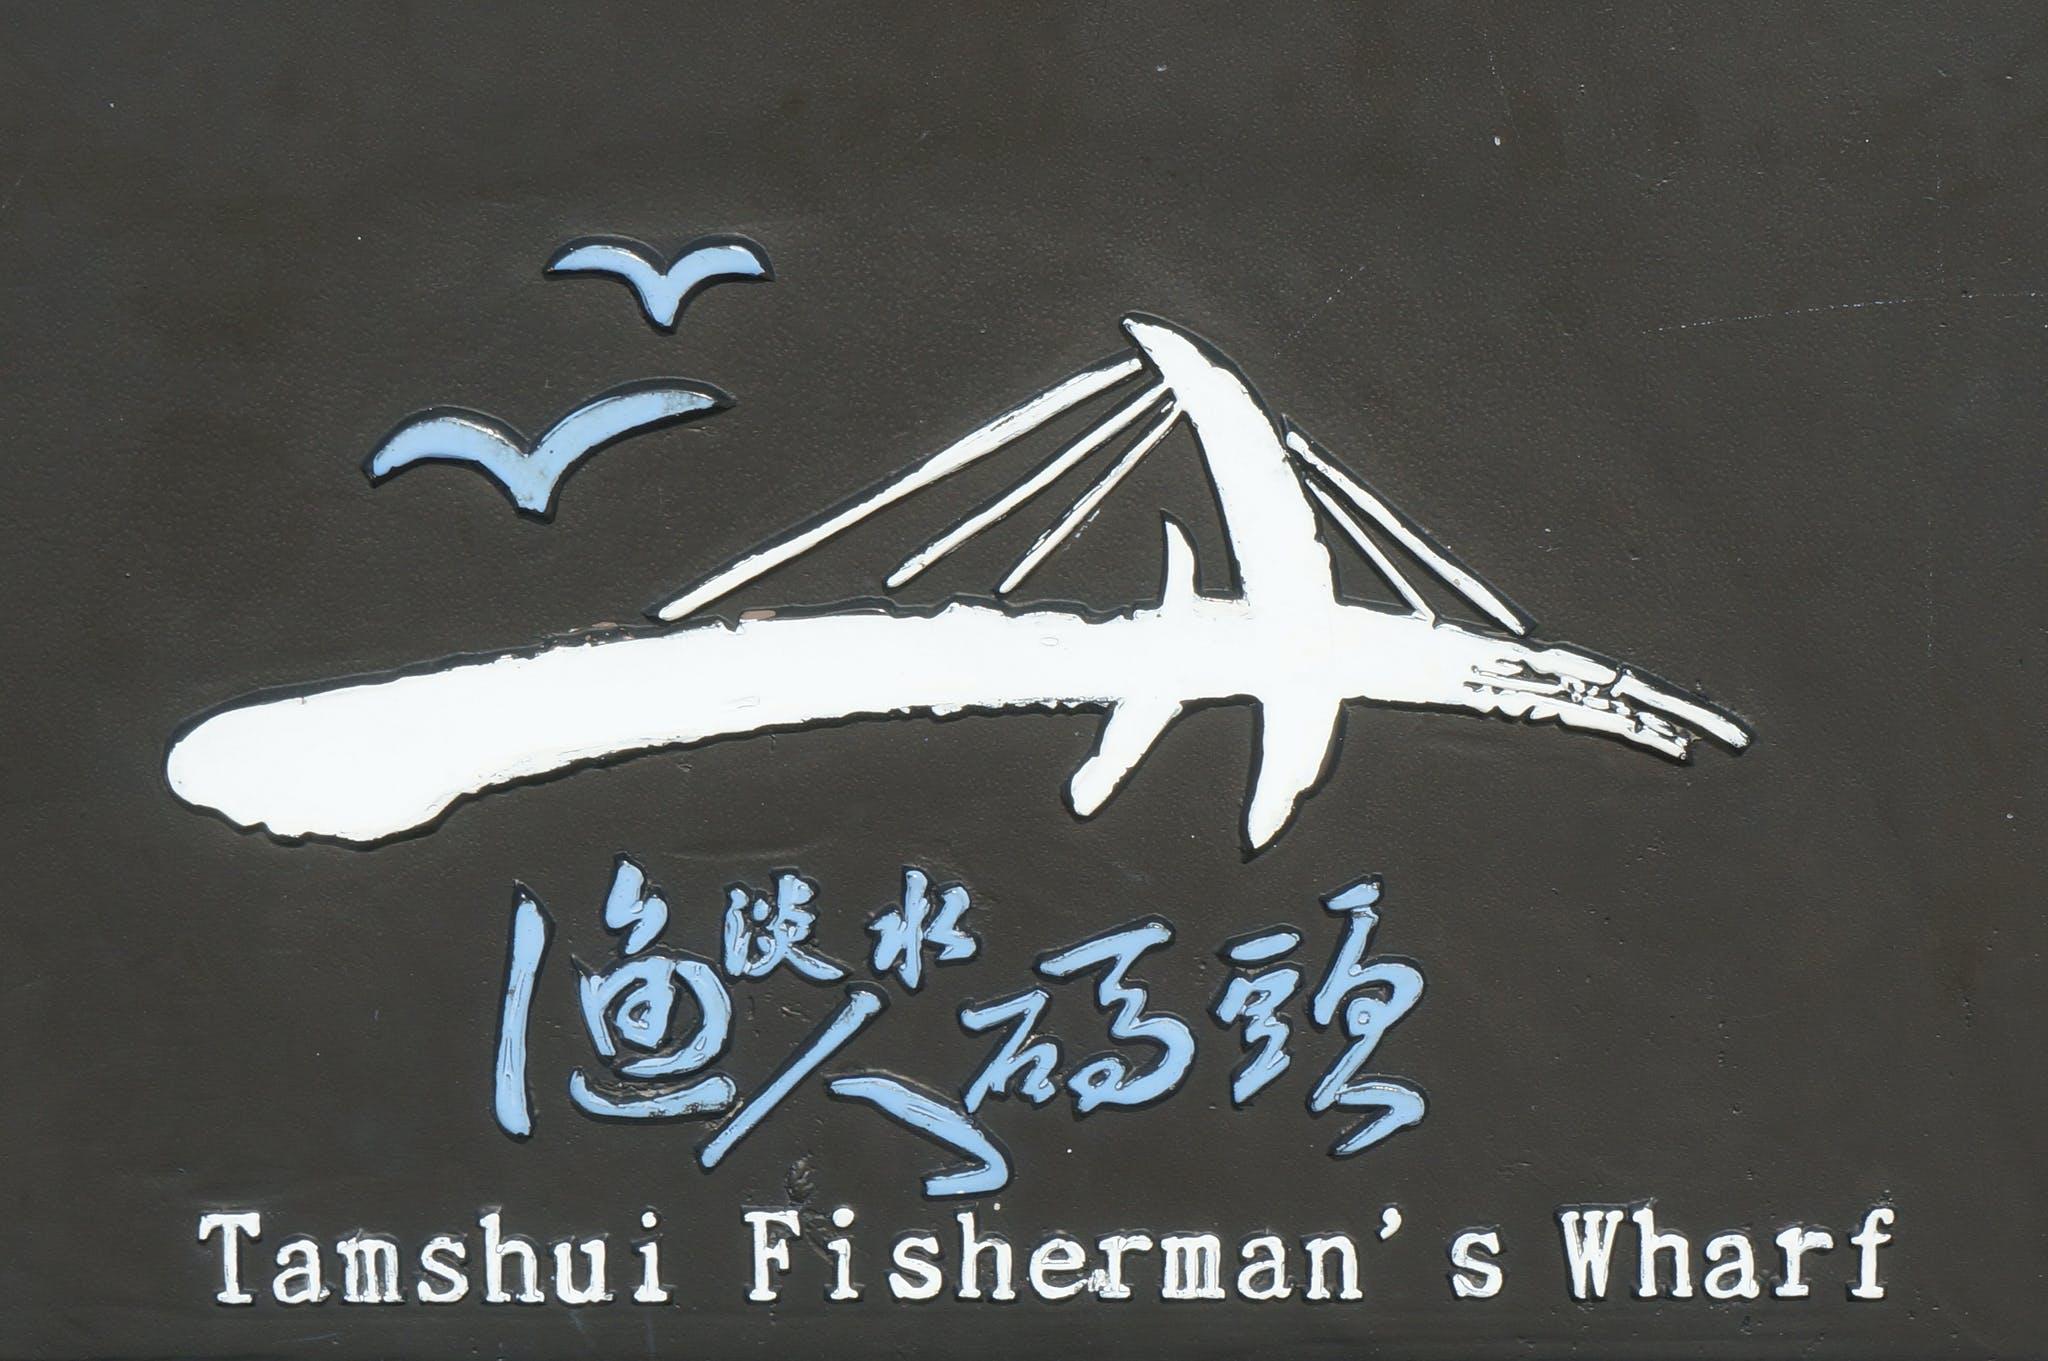 Ilmainen kuvapankkikuva tunnisteilla tamsui fisherman's wharf -merkki